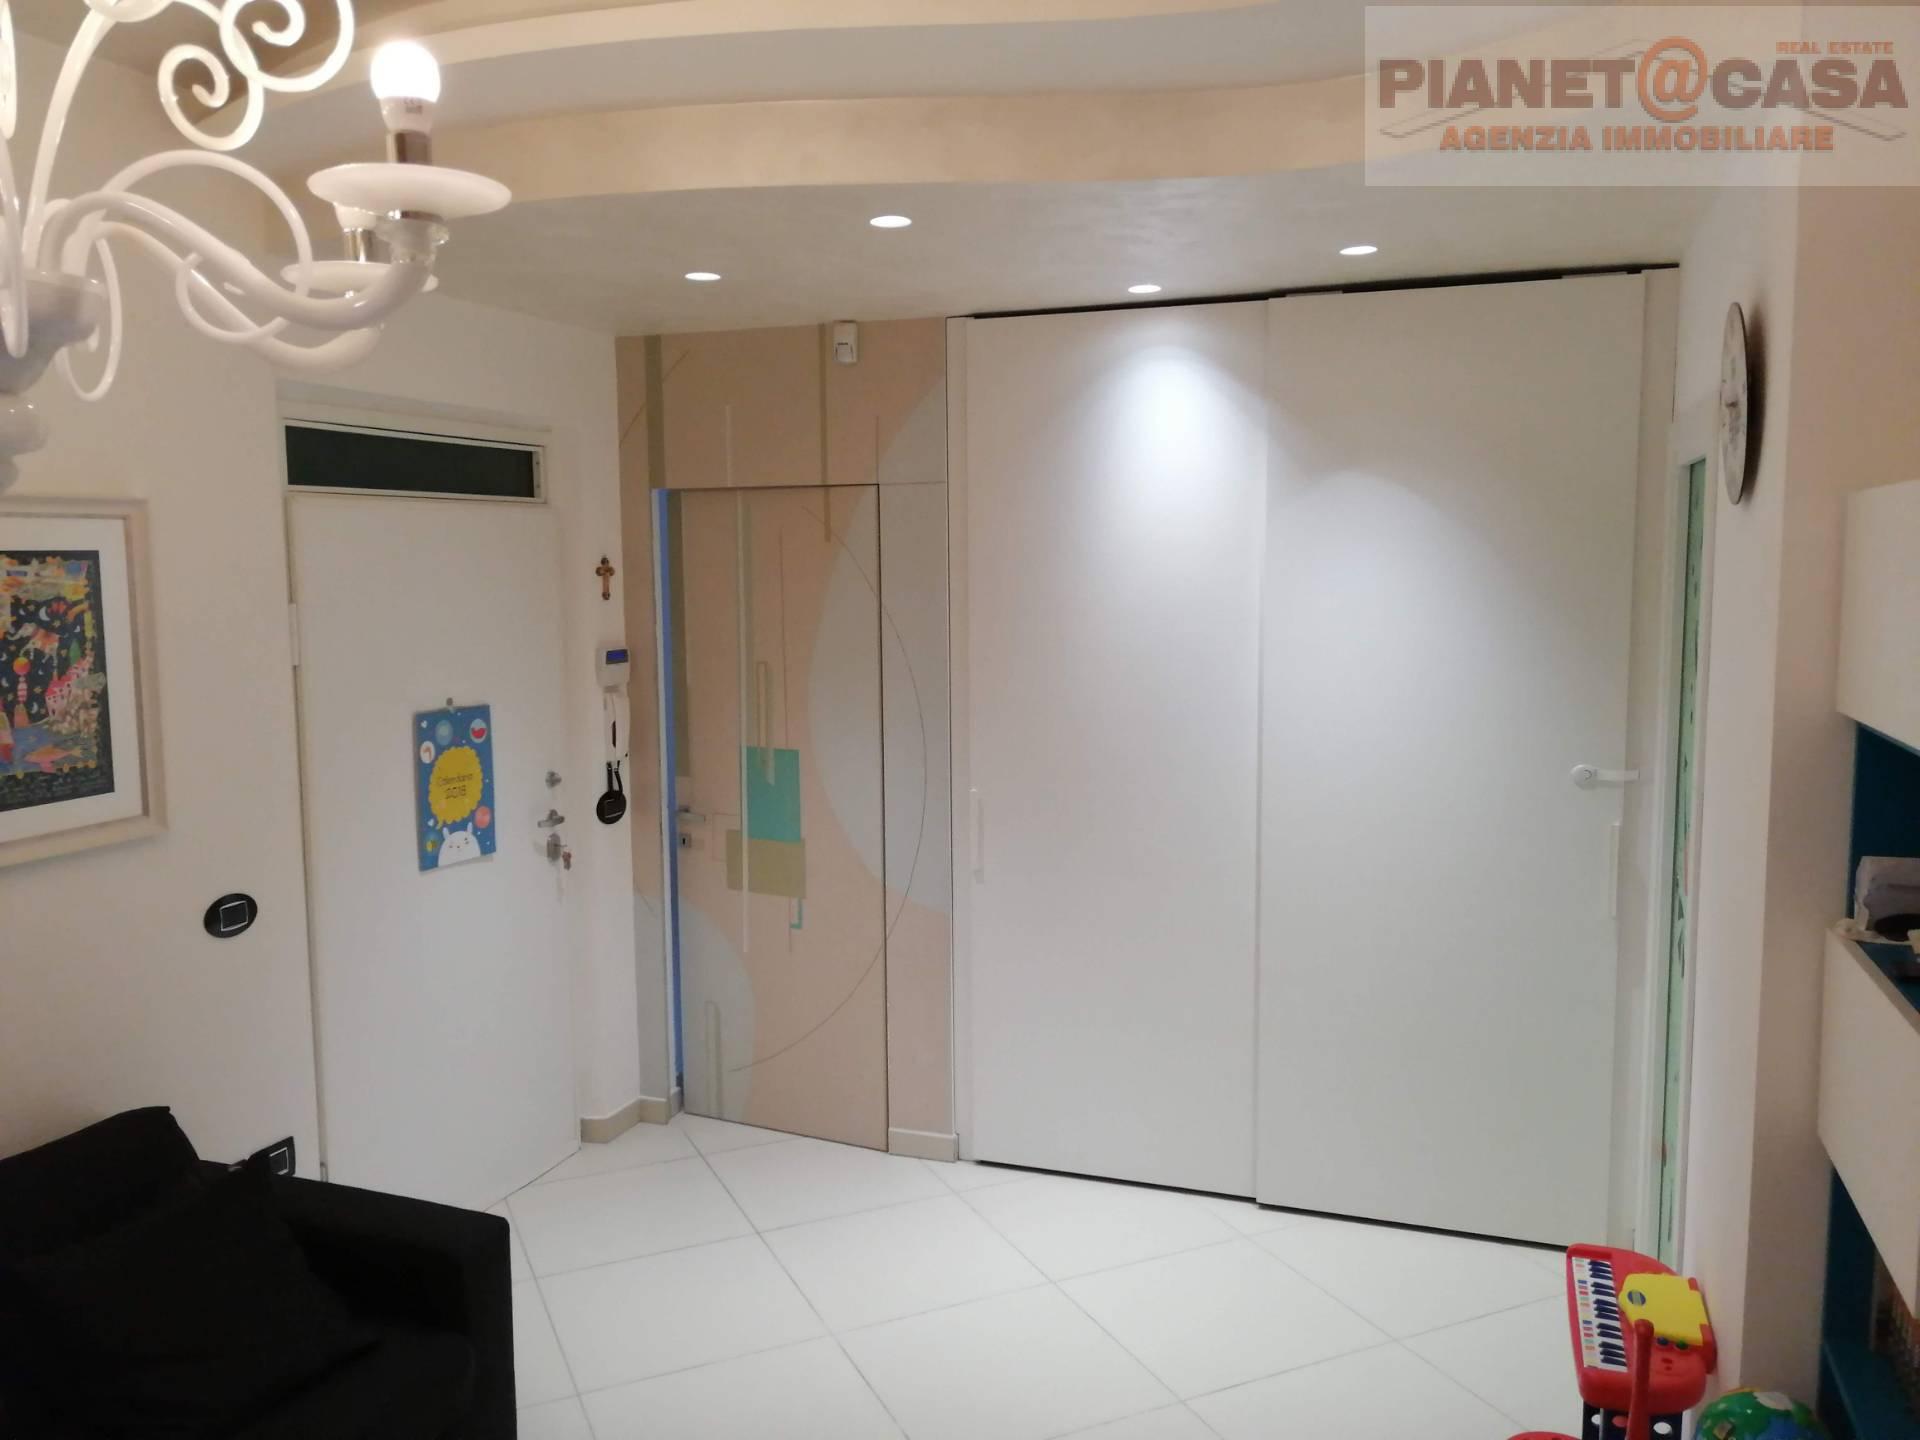 ascoli-piceno vendita quart: porta romana mr-immobiliare